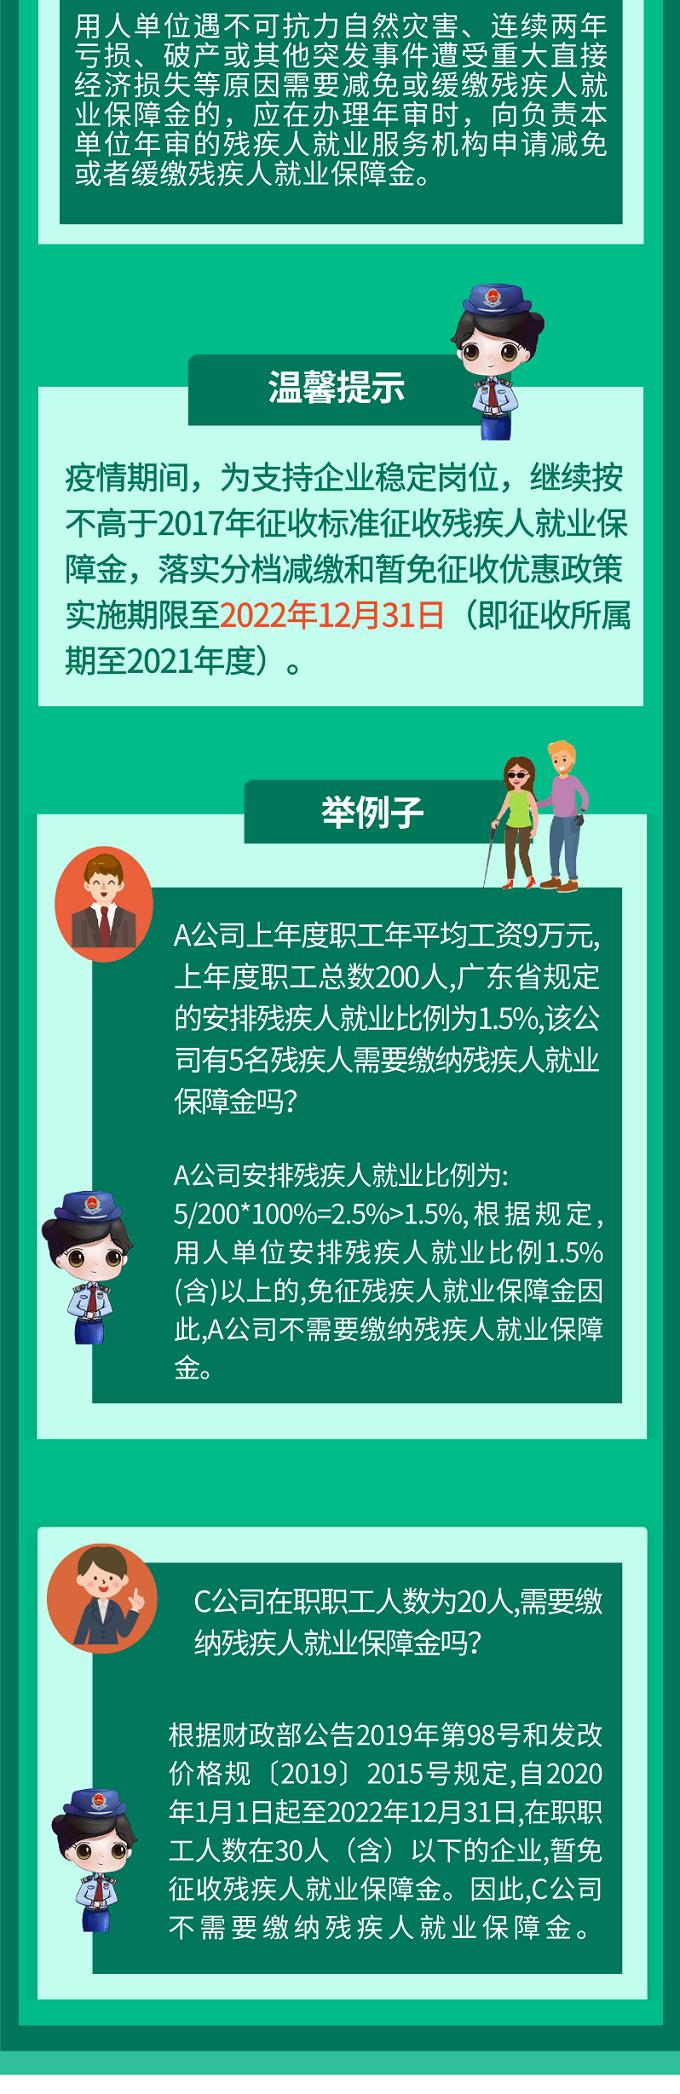 2020年广东税务发布关于残疾人就业保障金您知道多少?赶紧点进来了解一下吧!插图(2)